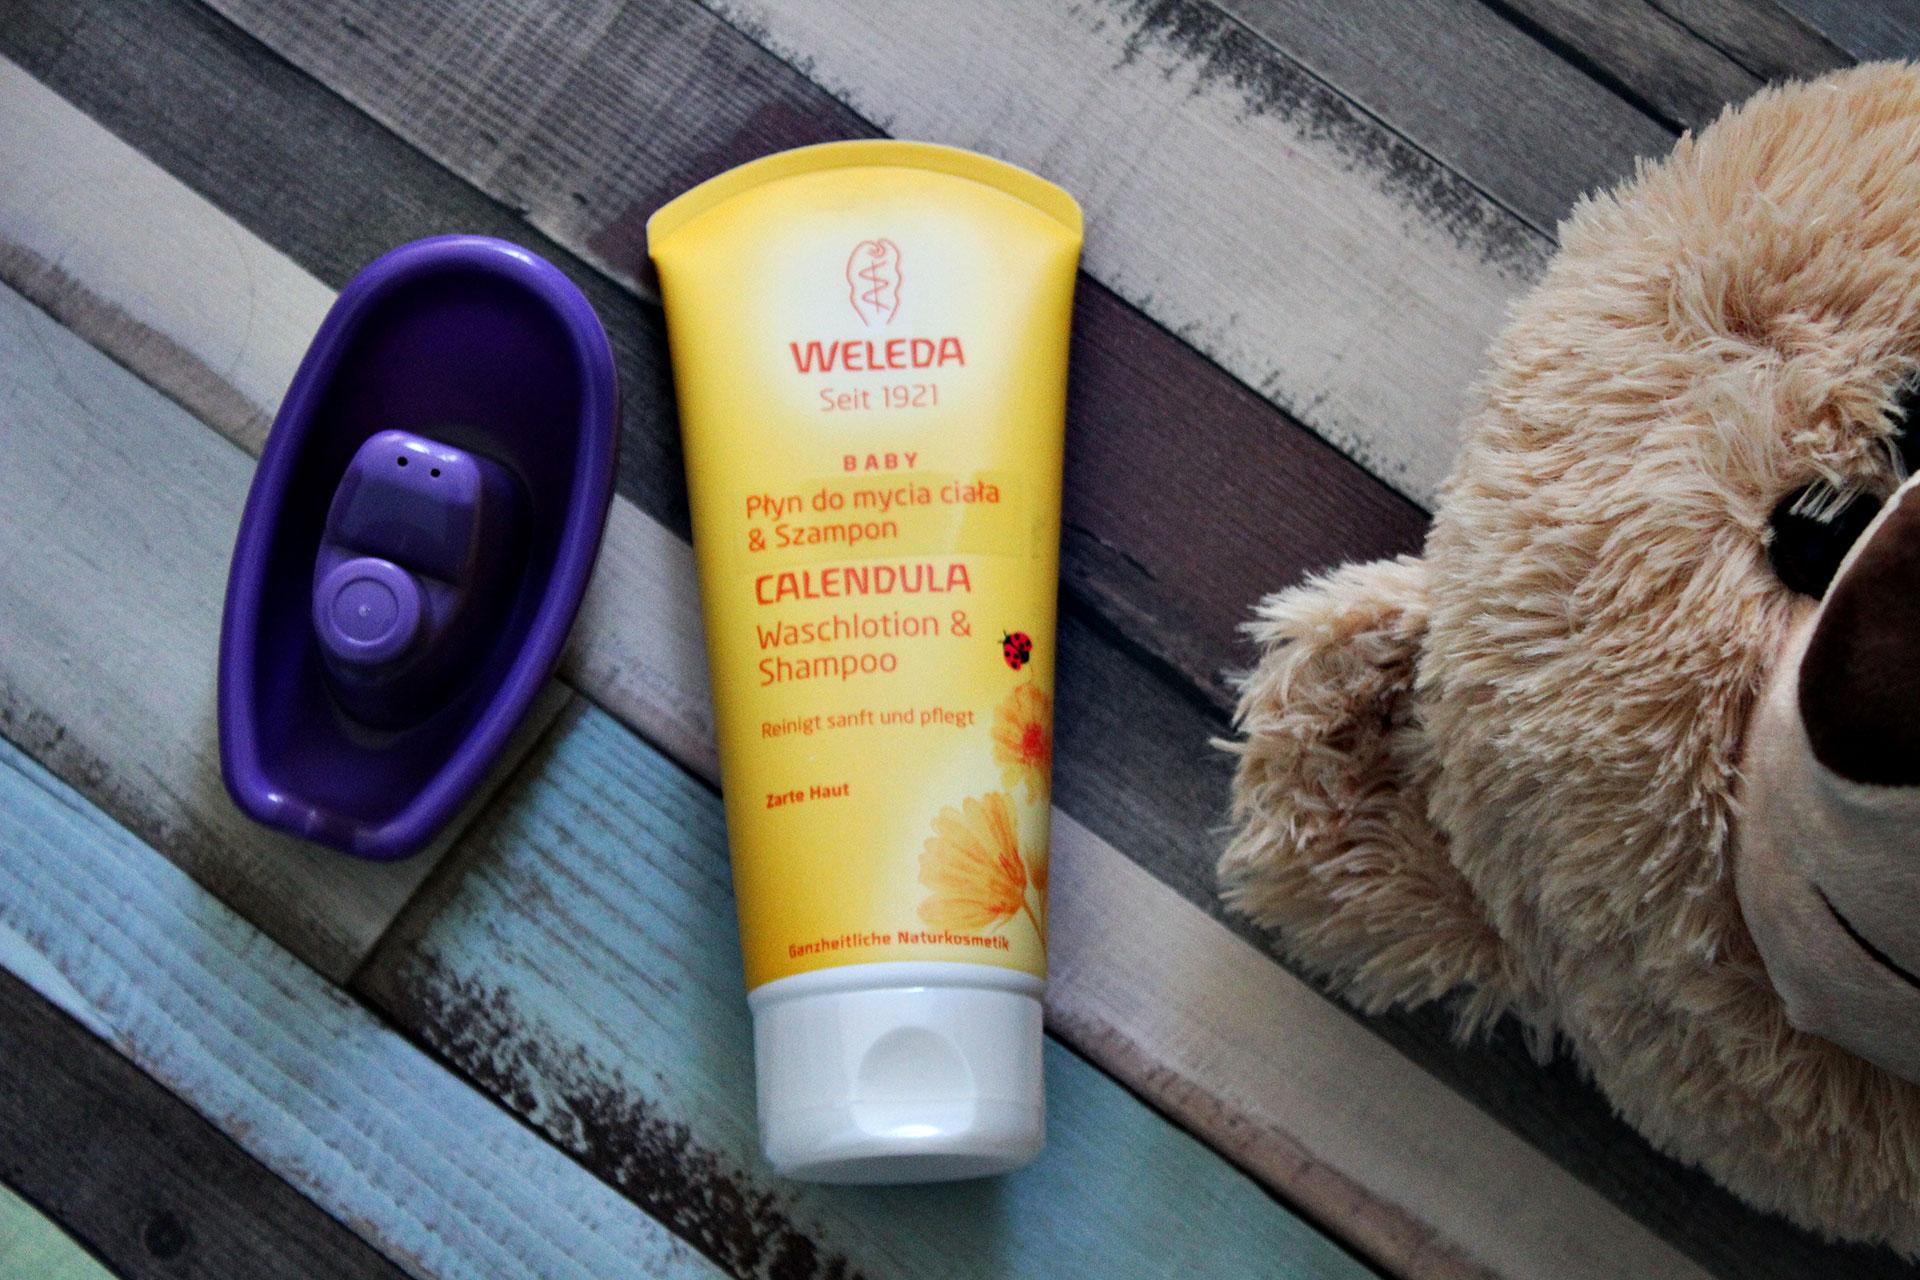 Weleda Mydło i szampon dla niemowląt z nagietkiem lekarskim